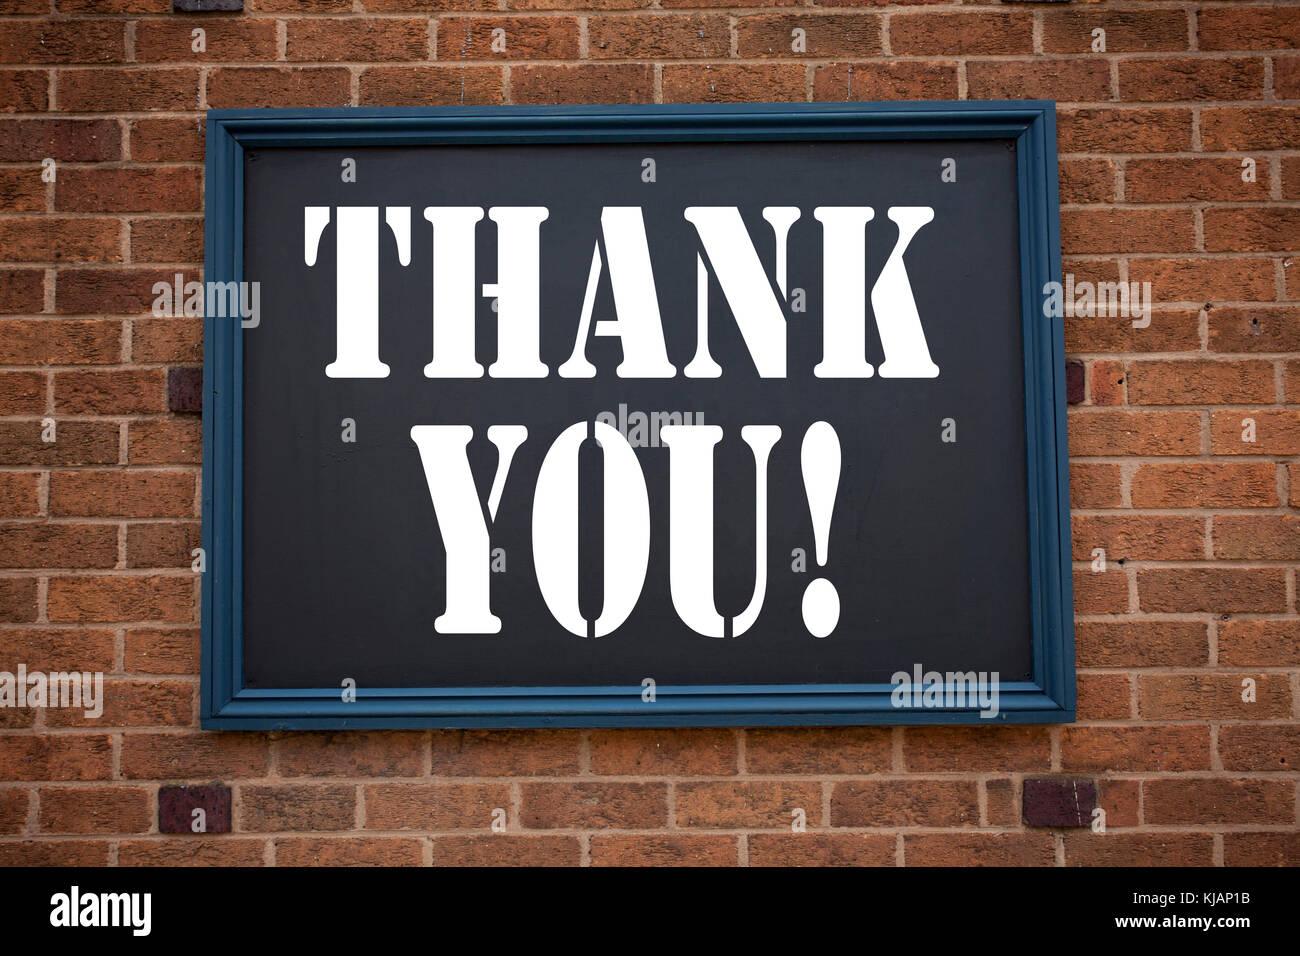 Konzeptionelle Hand schreiben Bildunterschrift inspiration Ansage, Danke. Business Konzept für die Dankbarkeit Stockbild